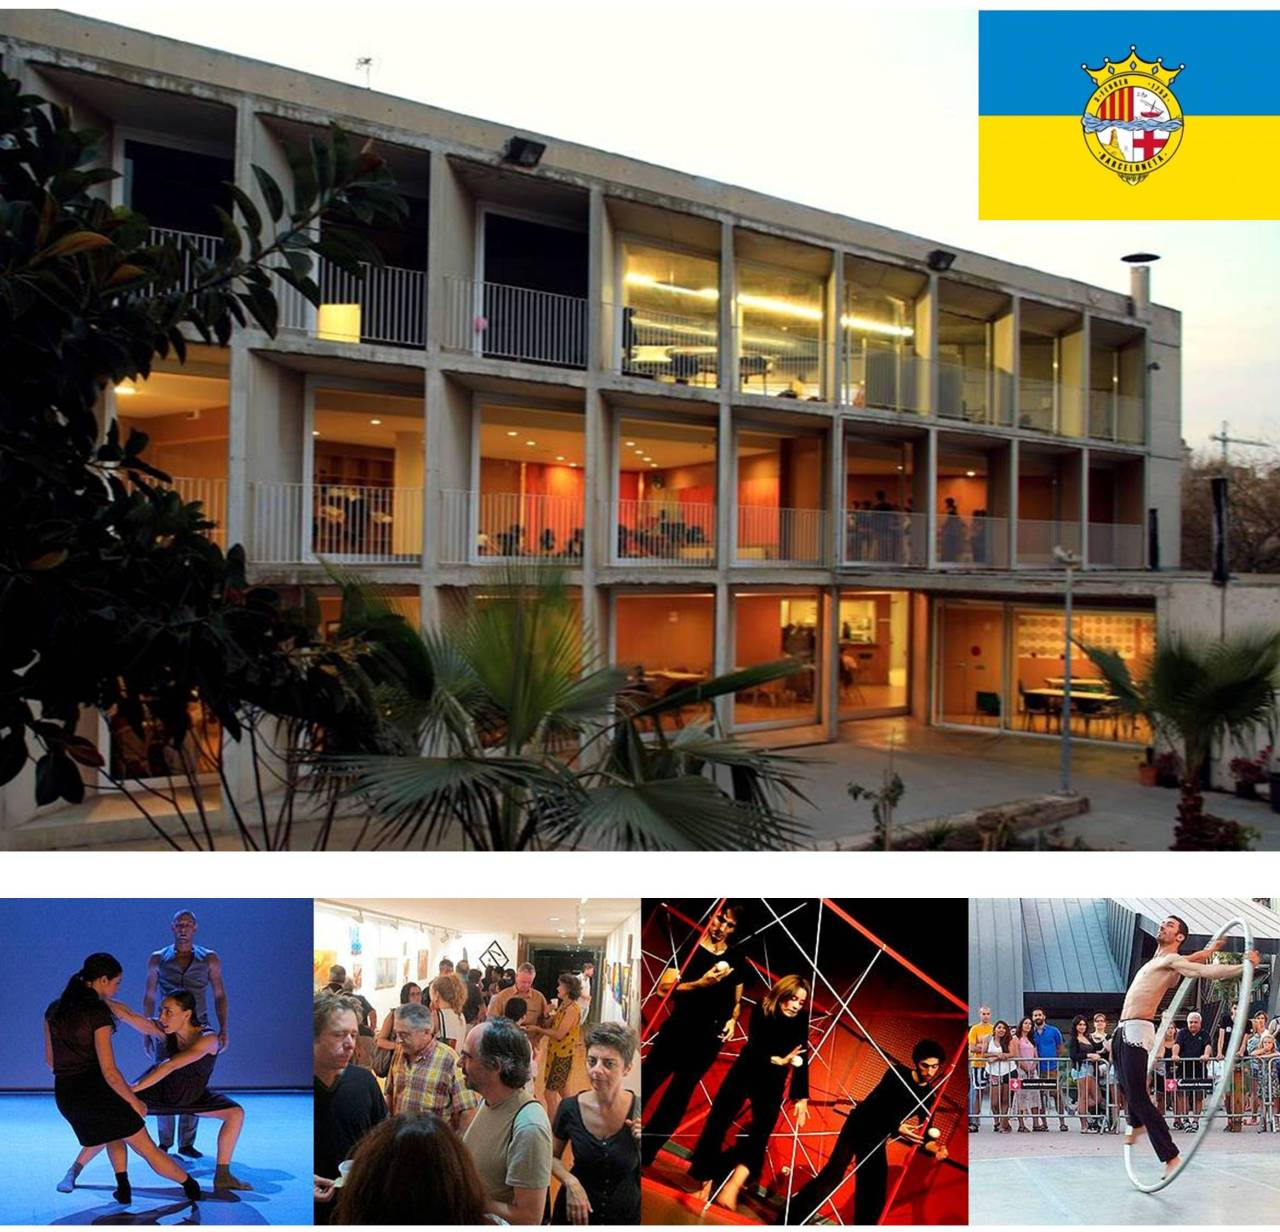 Frente al mar, el Centre Cívic Barceloneta sorprende con una agenda llena de artes visuales y danza. Este fin de STREET ART y México enMovimiento